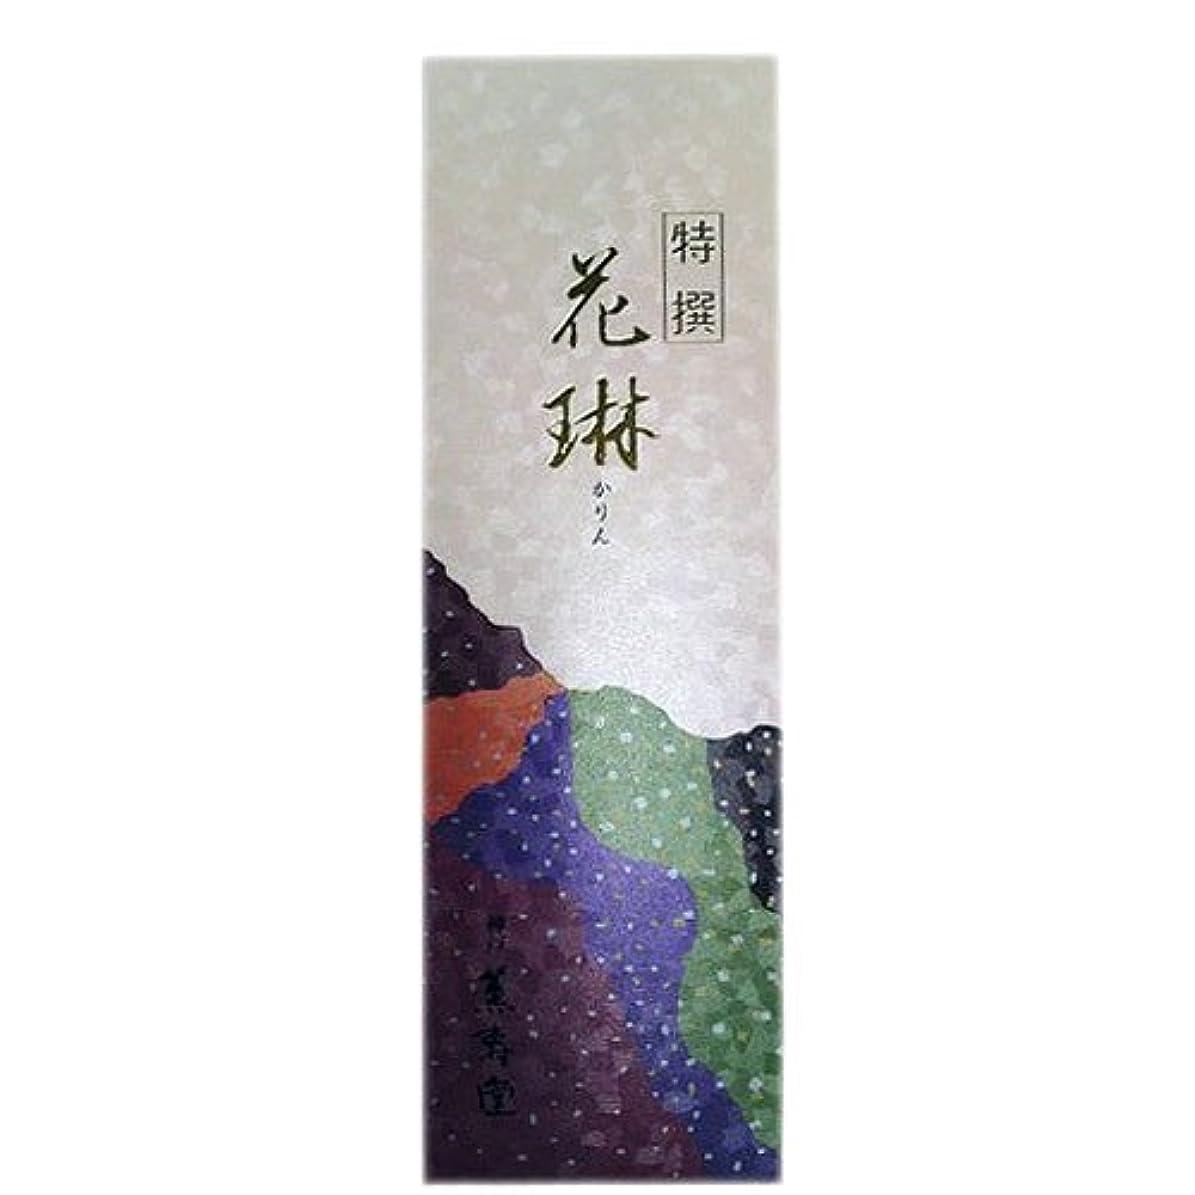 泥沼ペルー家庭薫寿堂 特撰花琳 スリム 018 30g